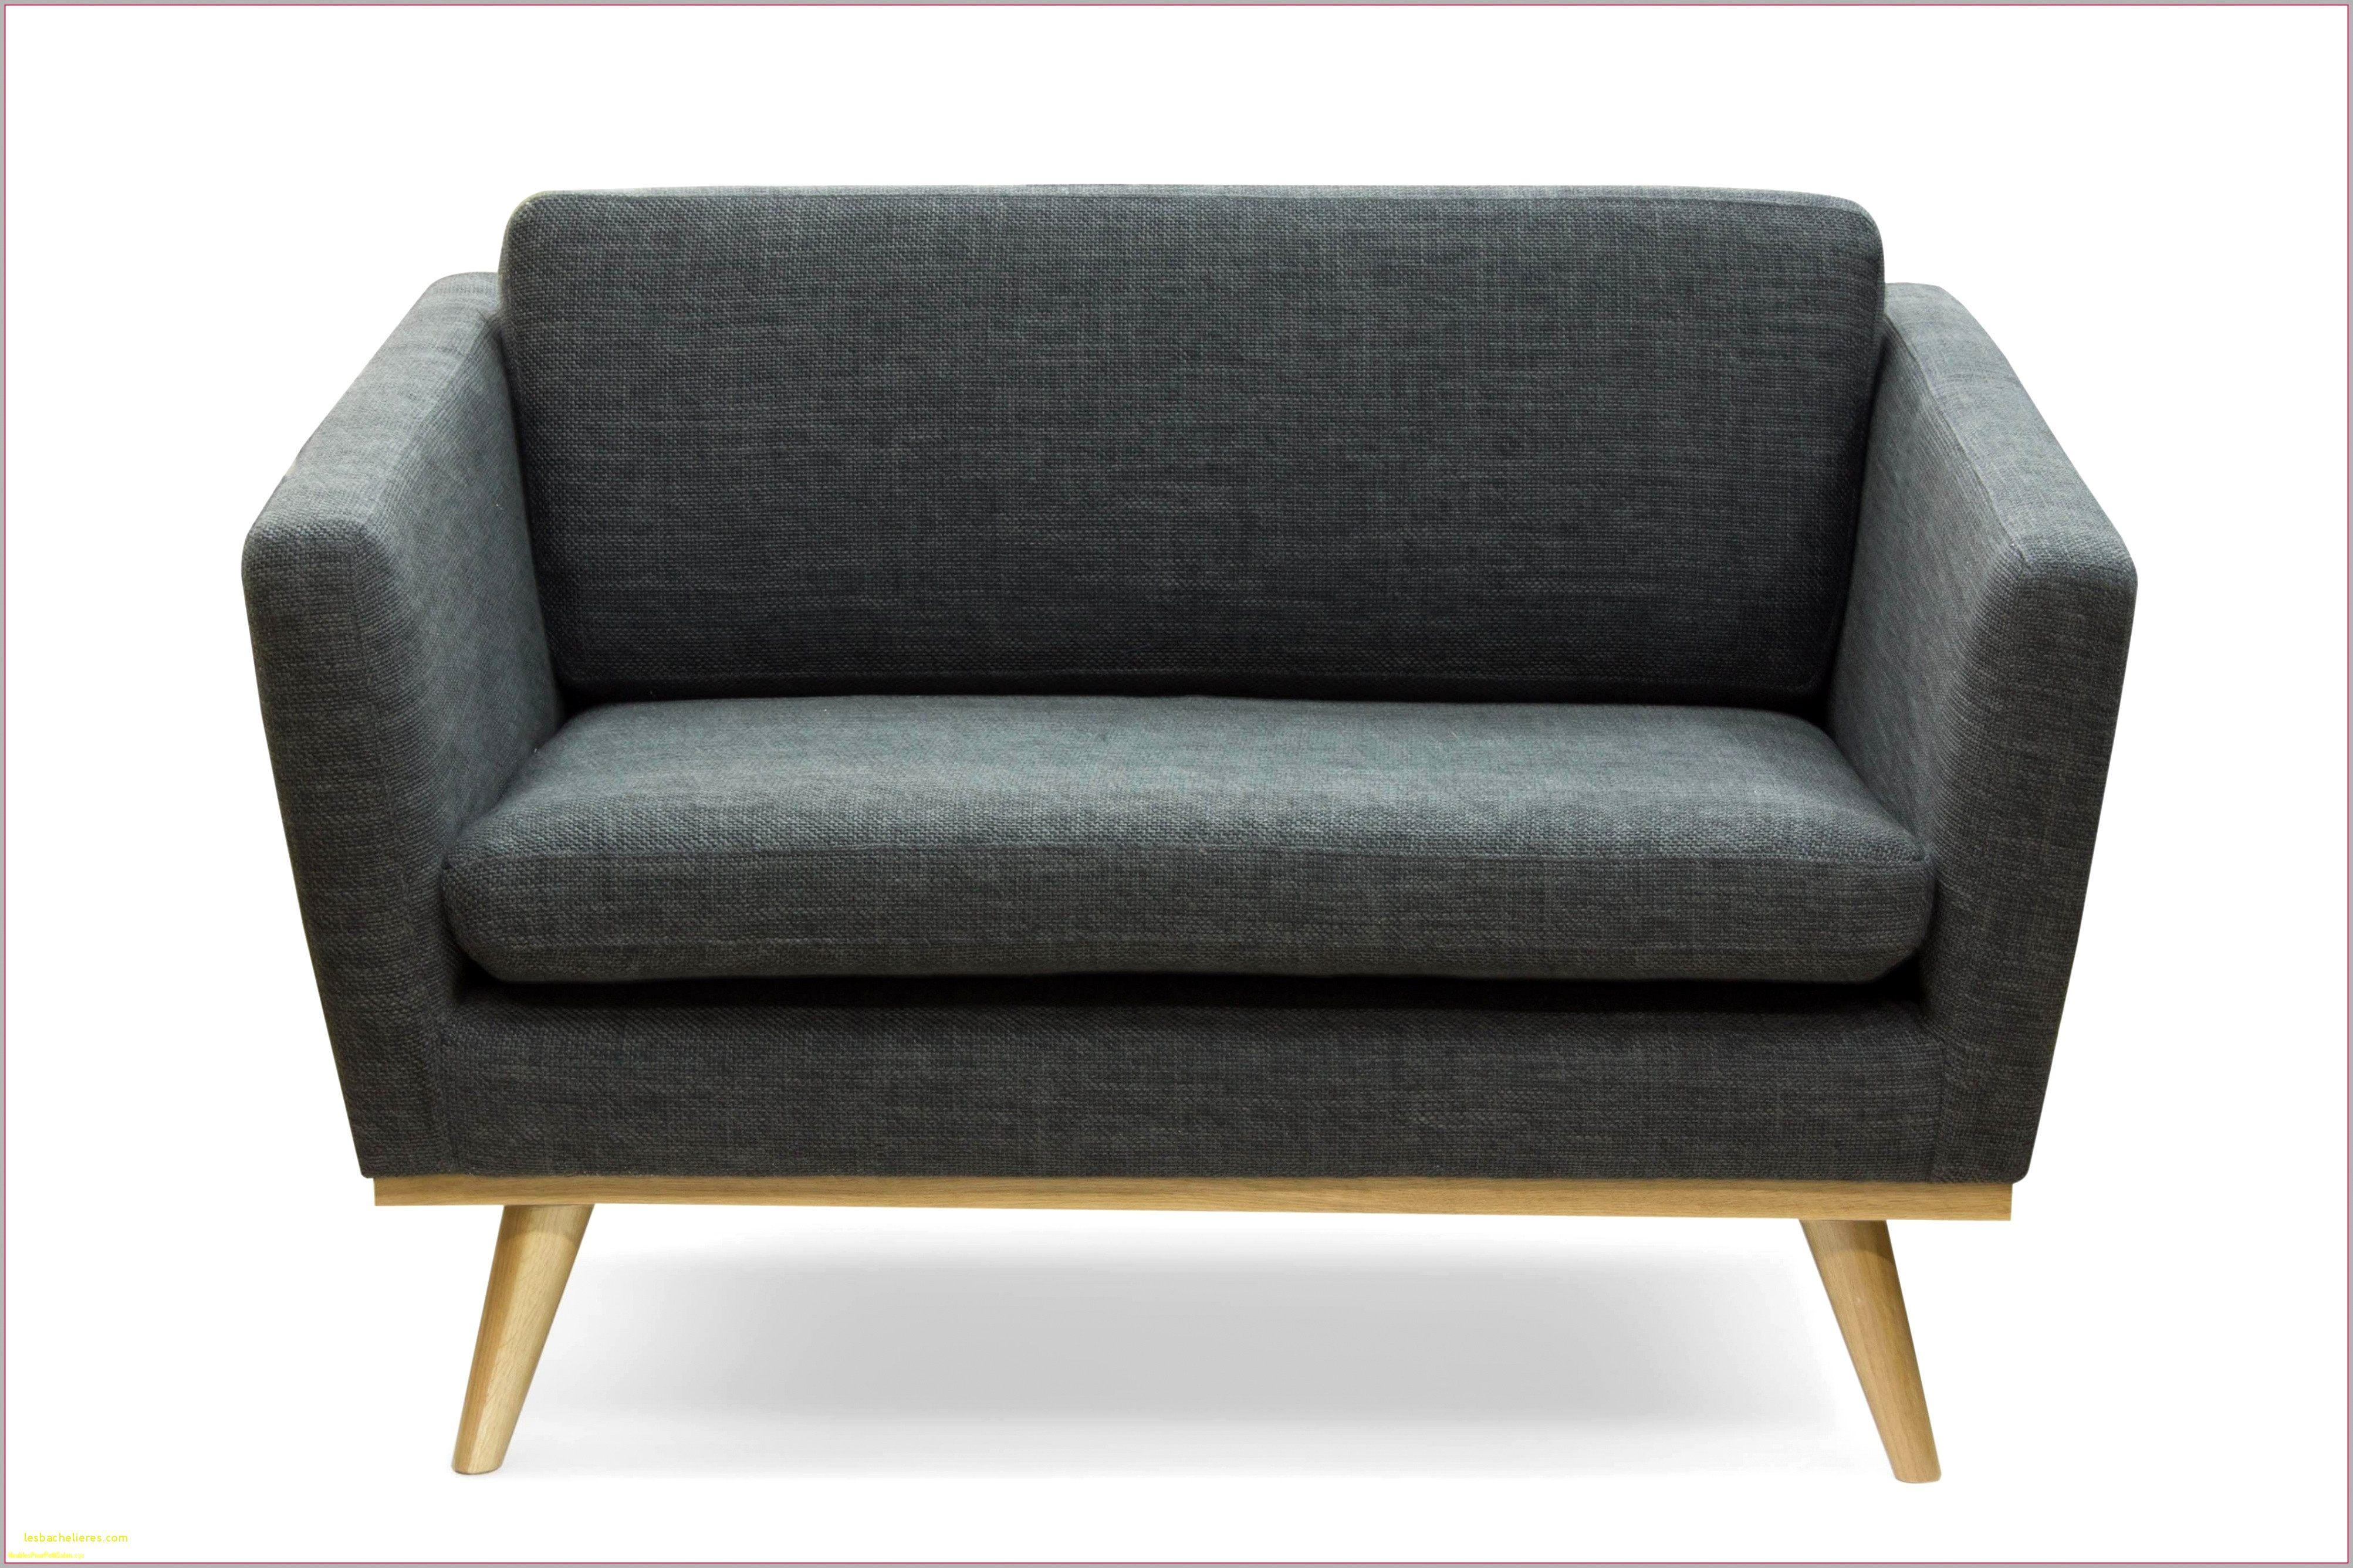 Lit Superposé 3 Personnes Inspiré Divin Lit Superposé Canapé Dans Canapé 15 Places